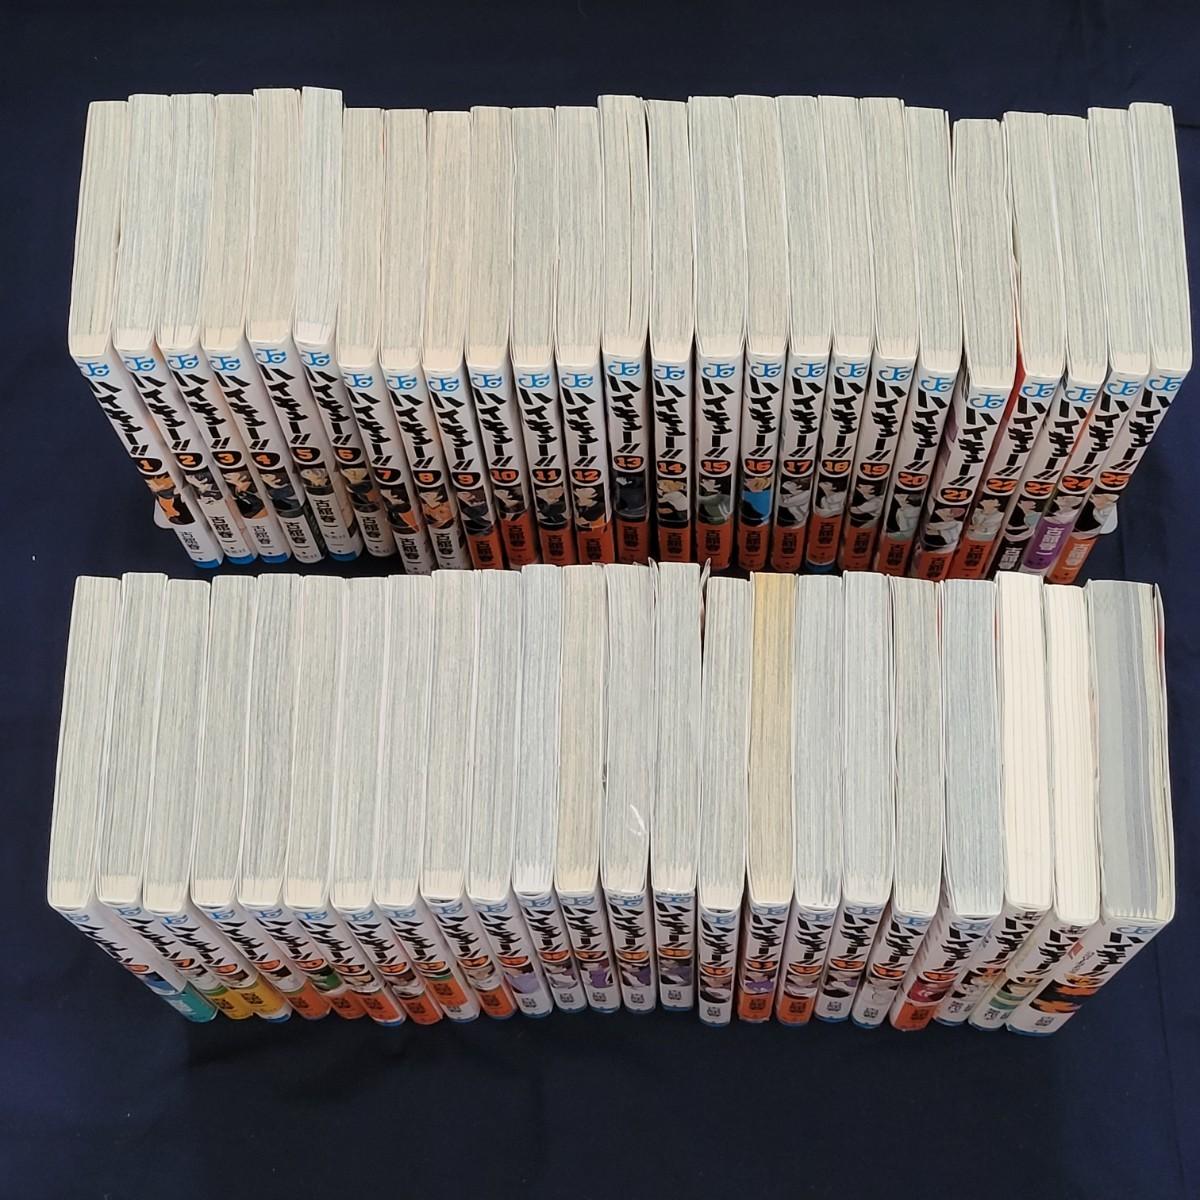 『ハイキューの全巻セット』 初版多い